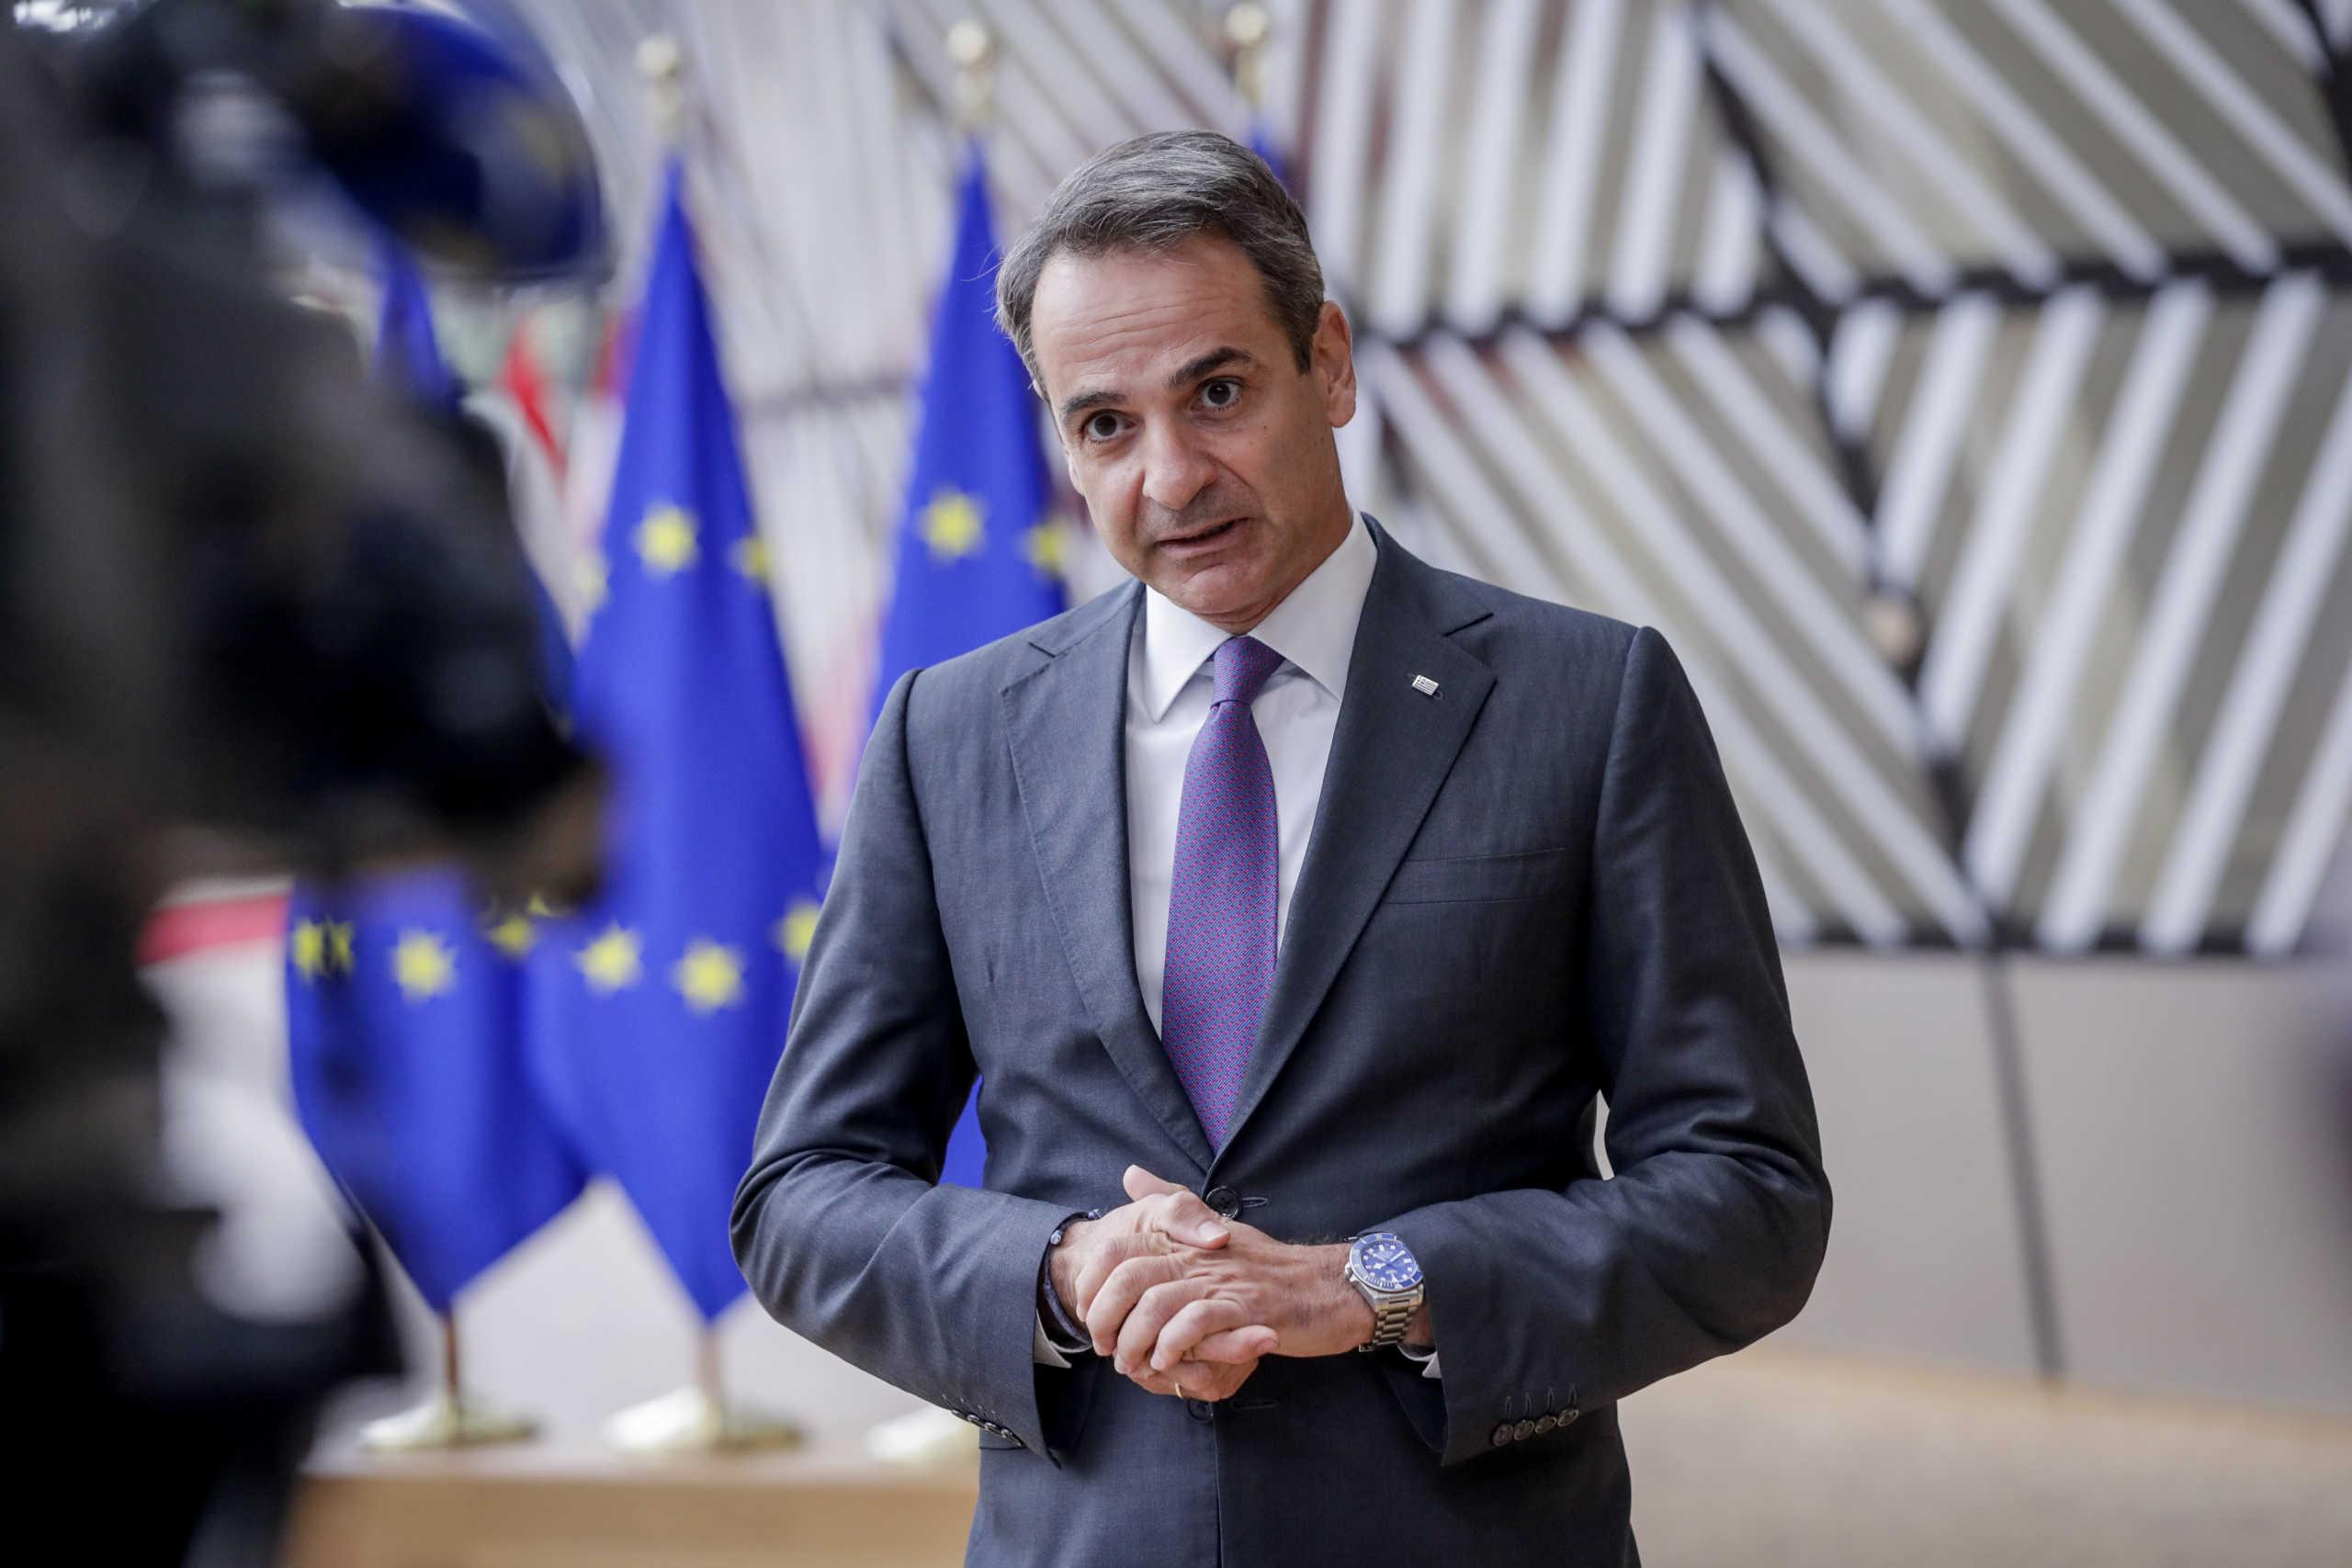 """Πρόσκληση σε τρεις """"μεγάλες δυνάμεις"""" με αποδέκτη… την Τουρκία – Προειδοποίηση Αλ Σίσι για τζιχαντιστές στην Ελλάδα"""